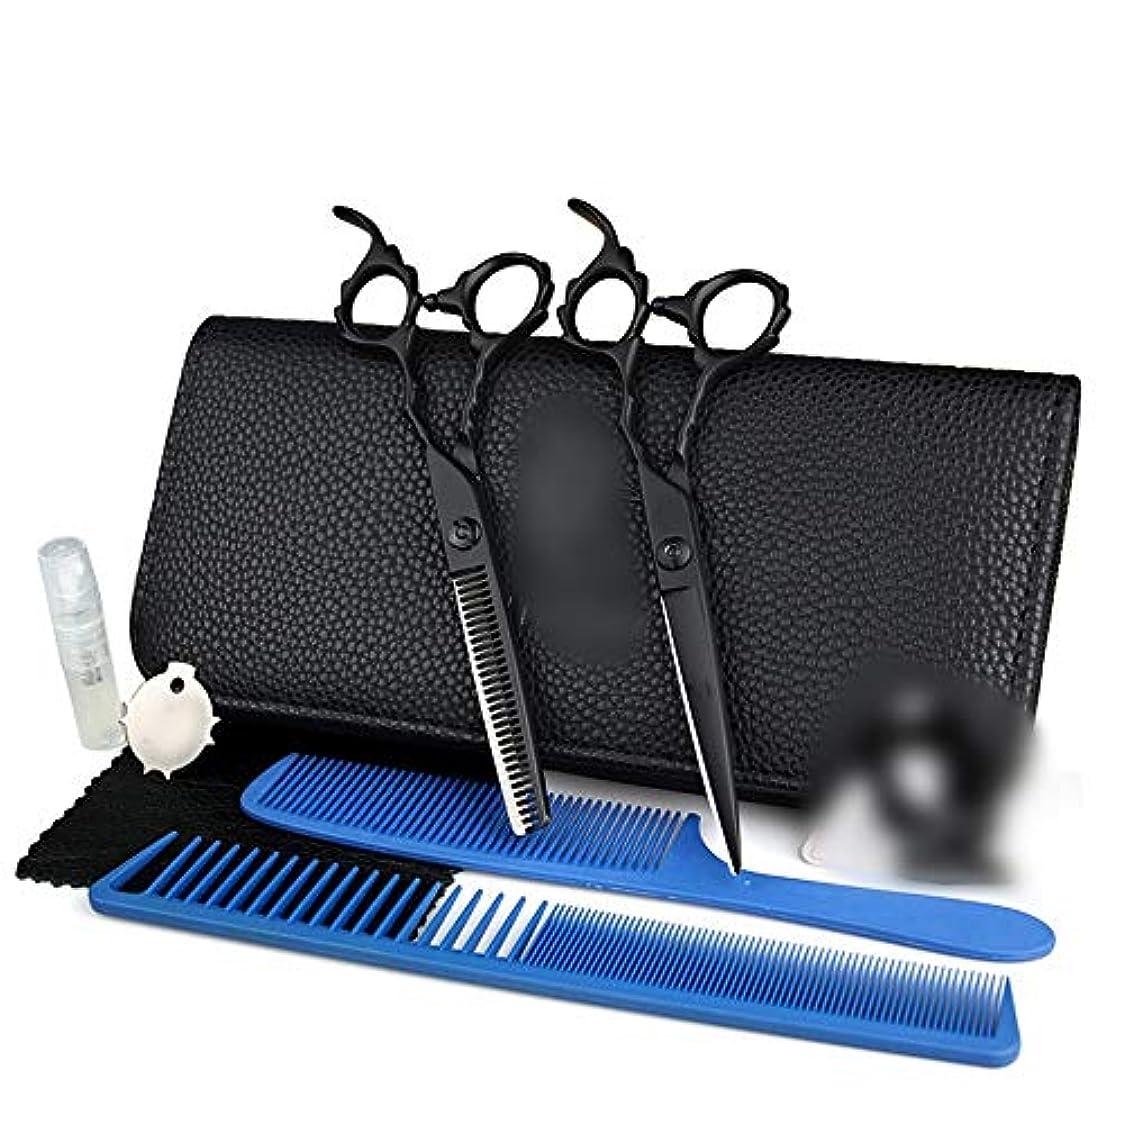 フェミニンホテルアークGoodsok-jp 6.0インチの毛の専門の黒く平らな歯のはさみははさみ用具を置きました (色 : 黒)